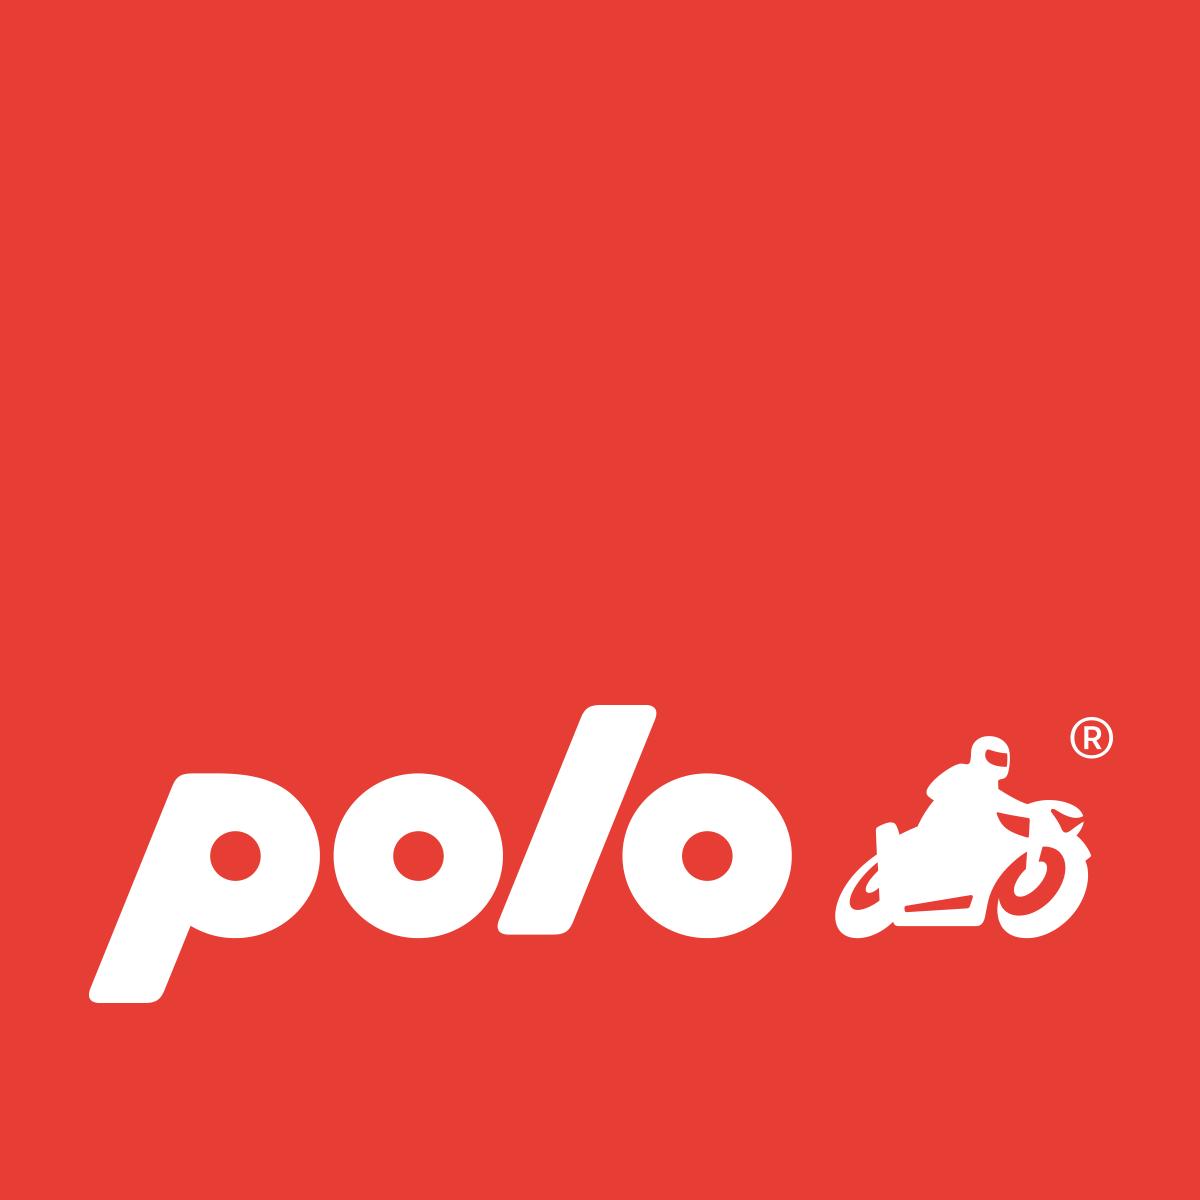 POLO Motorrad Logo